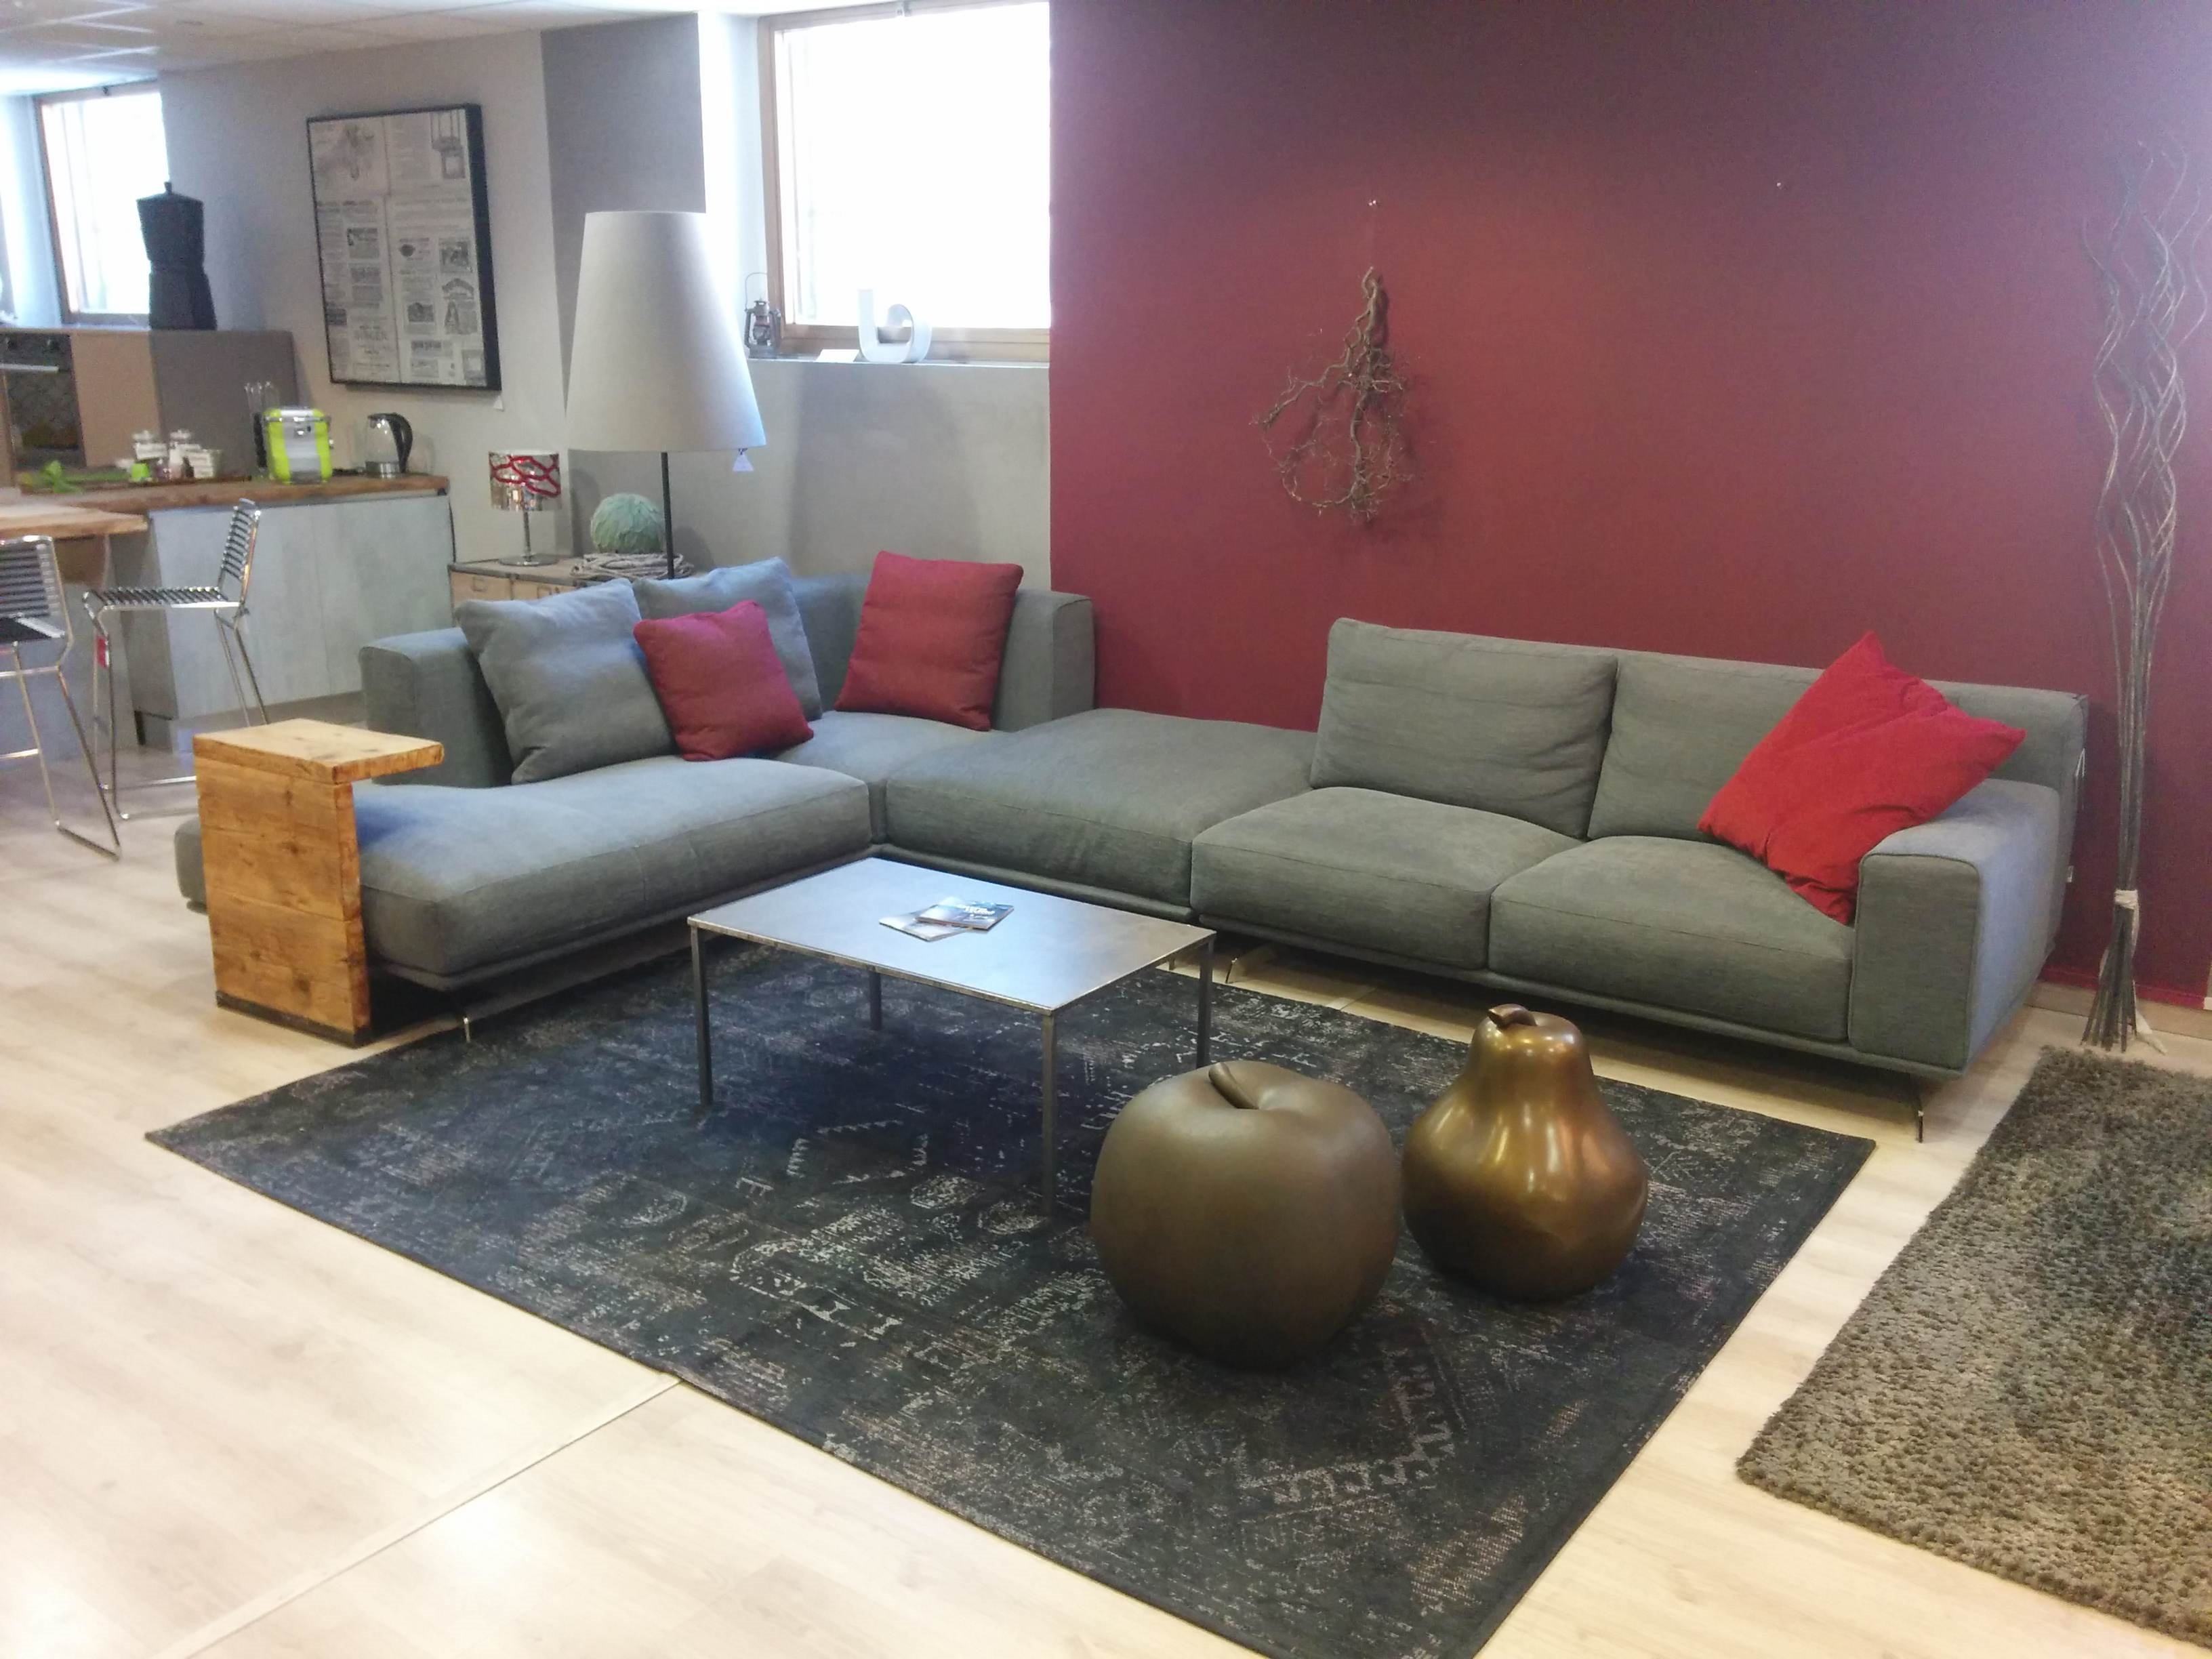 Offerta divano ditre italia modello dalton in tessuto - Divano profondita 75 ...